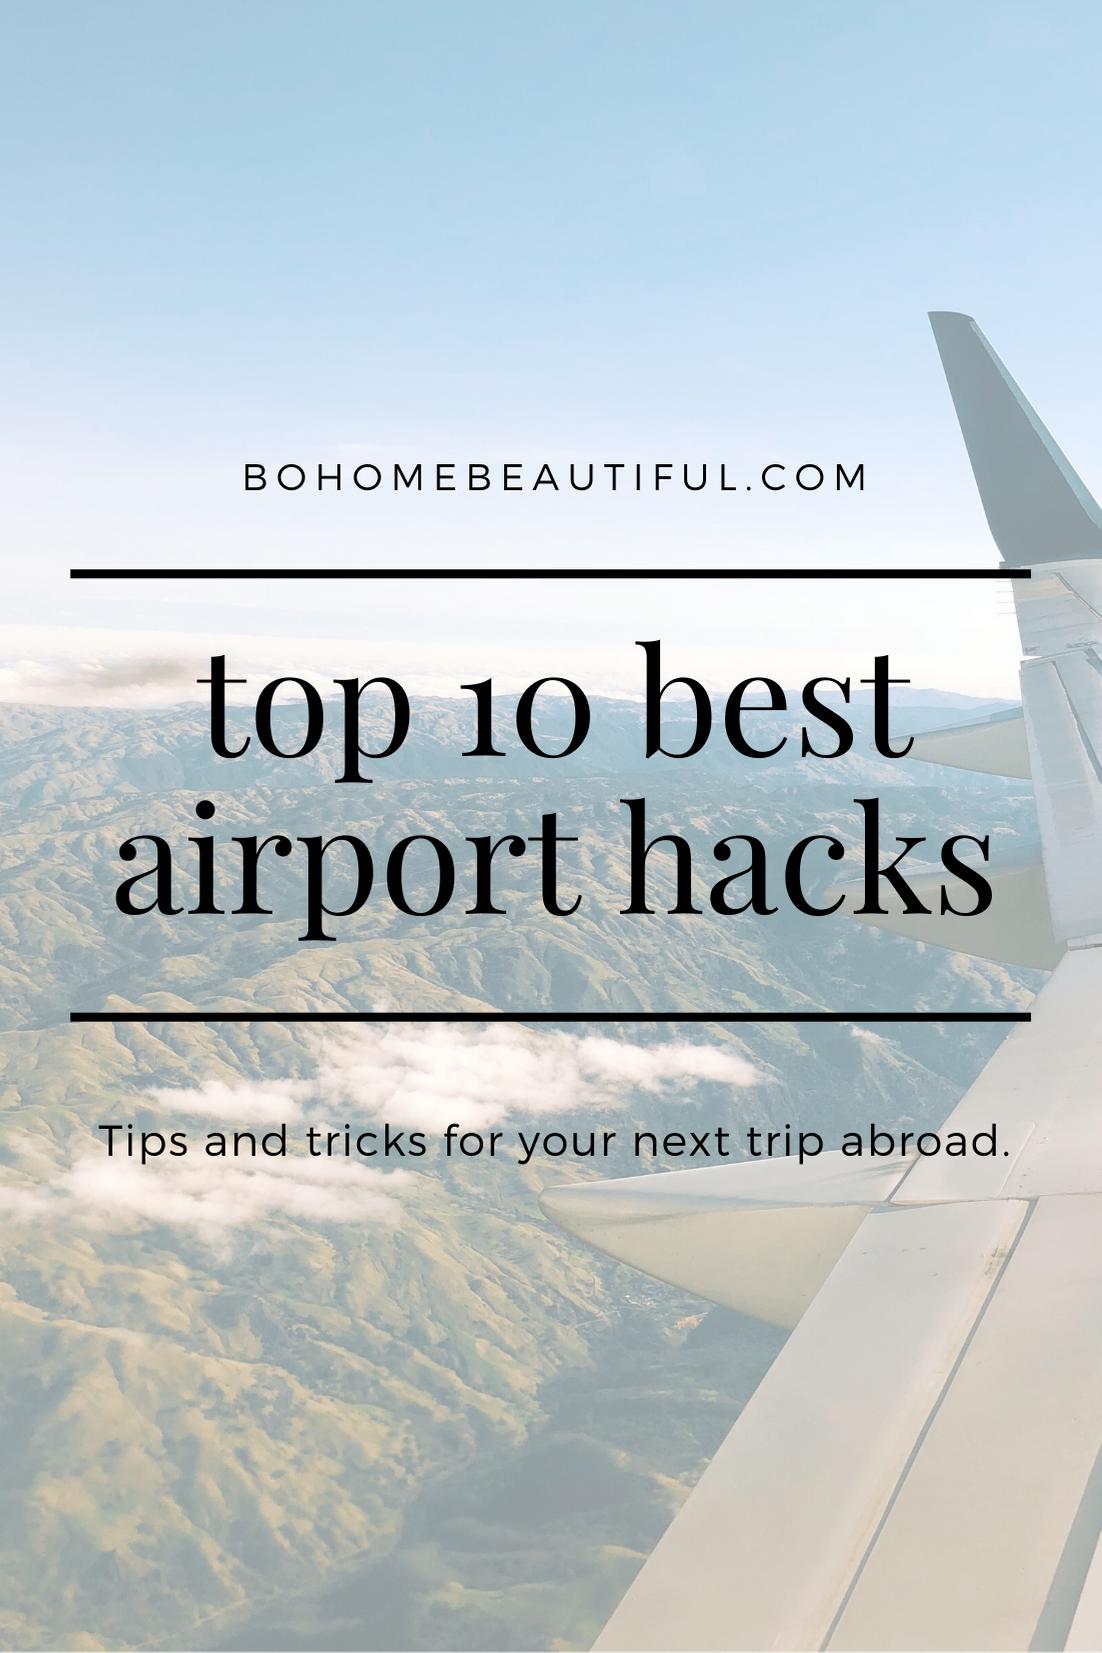 top 10 best airport hacks